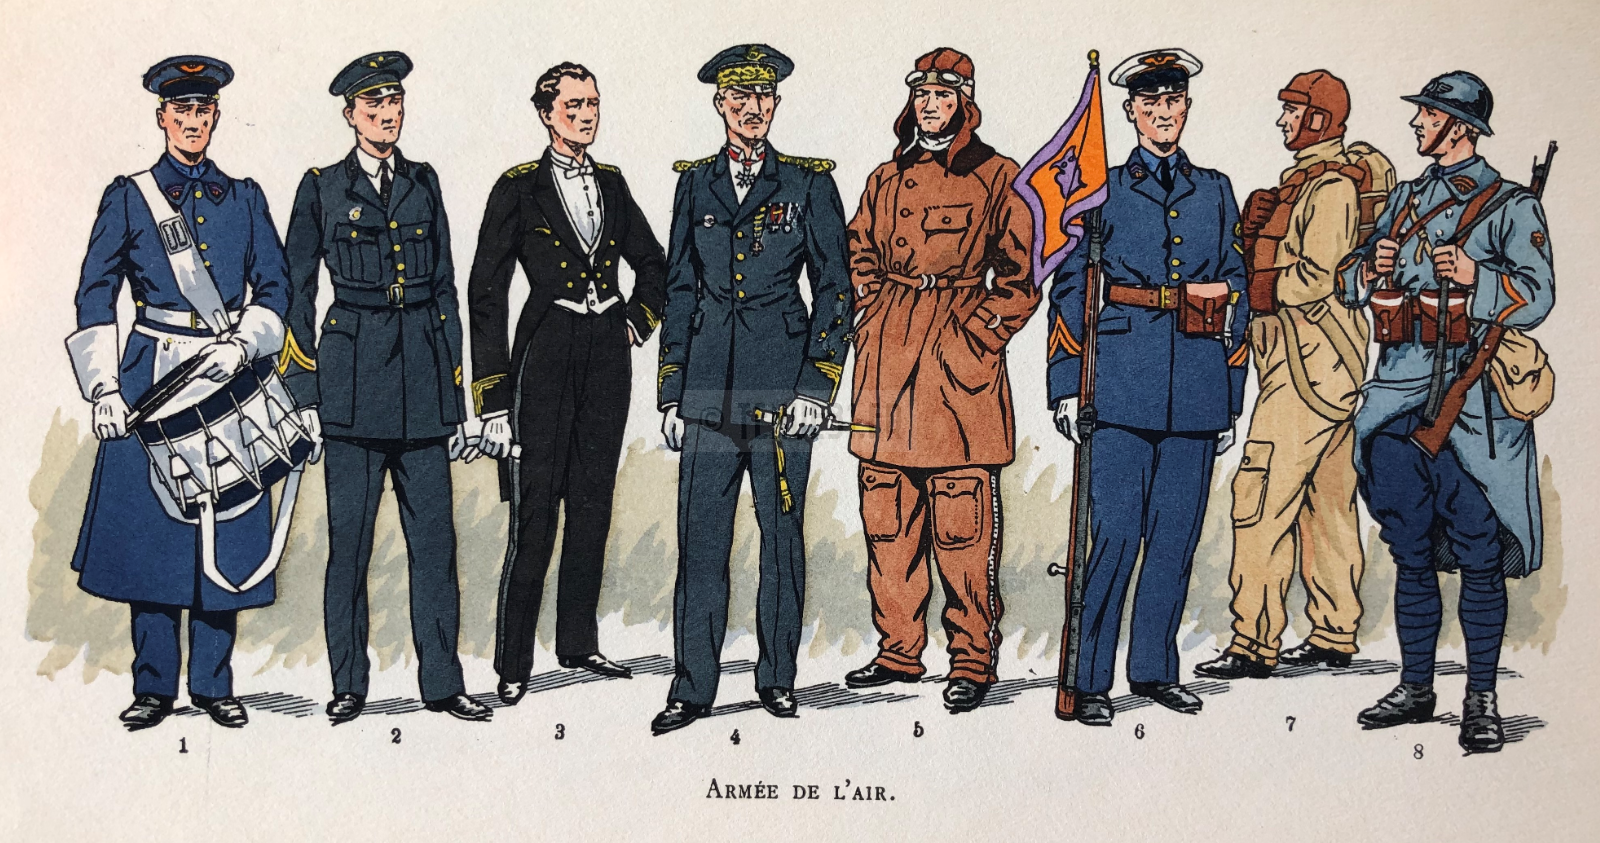 Armée de l'air dans l'armée française 1939-1940 d'Albert Depréaux illustré par PA Leroux